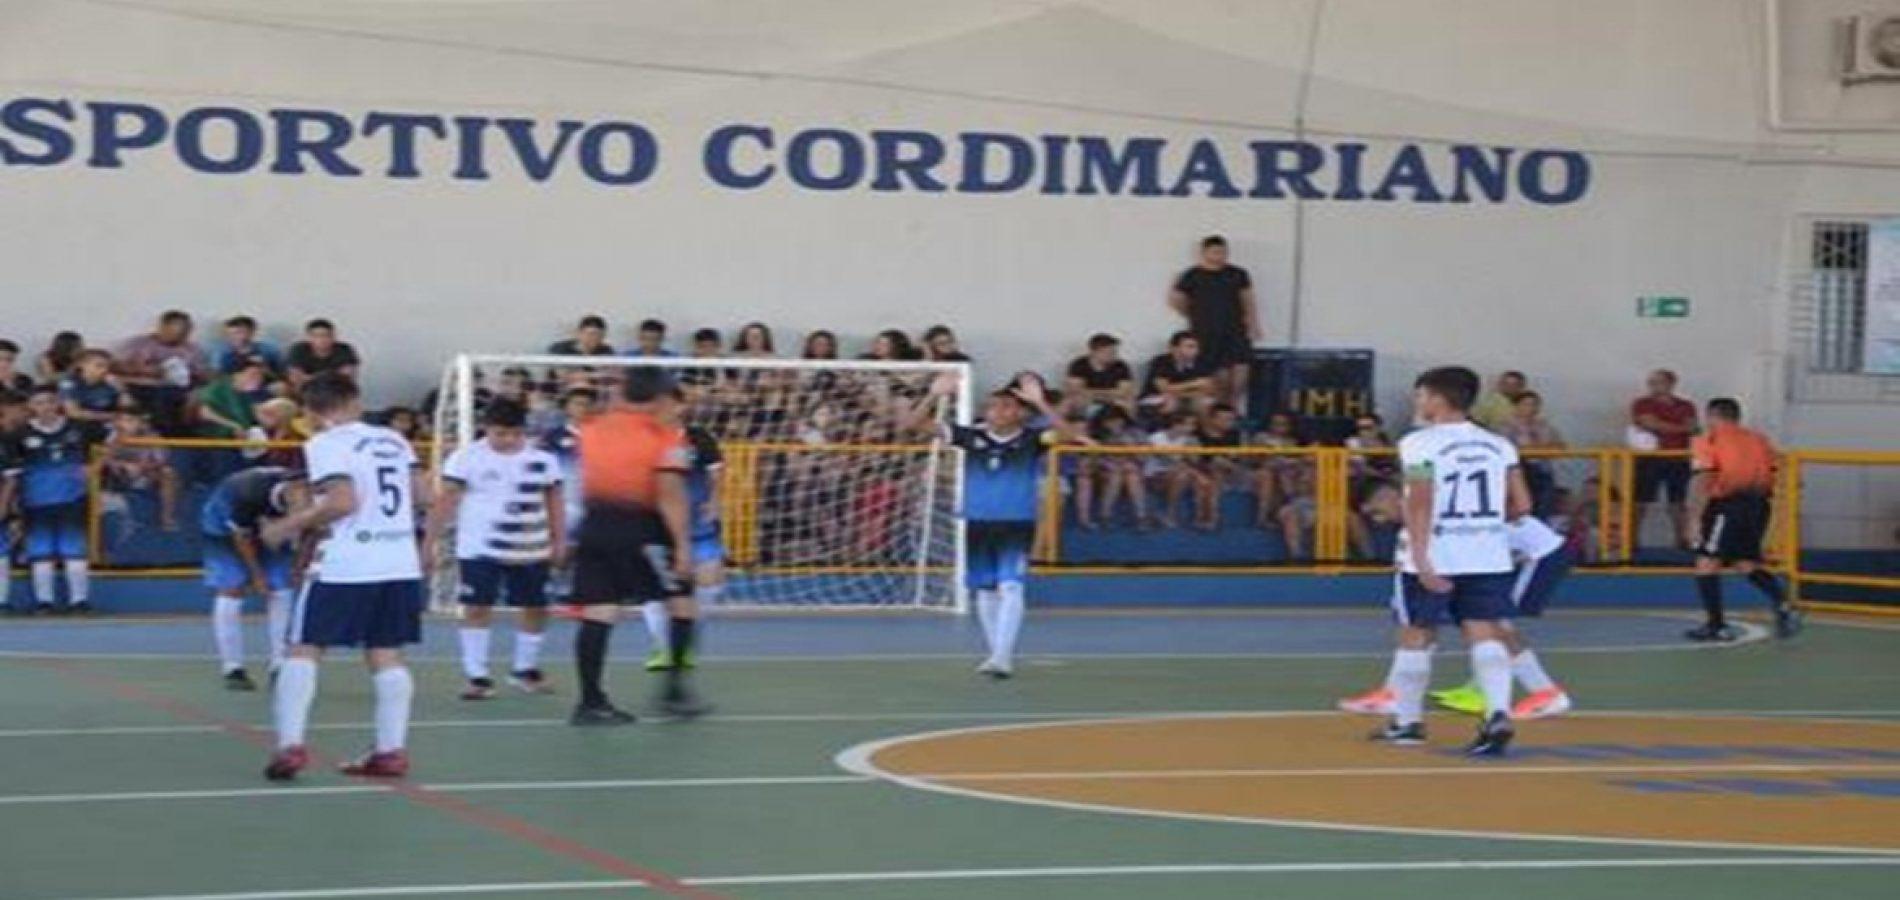 PICOS   Alunos cordimarianos protagonizam disputas emocionantes durante Jogos Intercolegiais